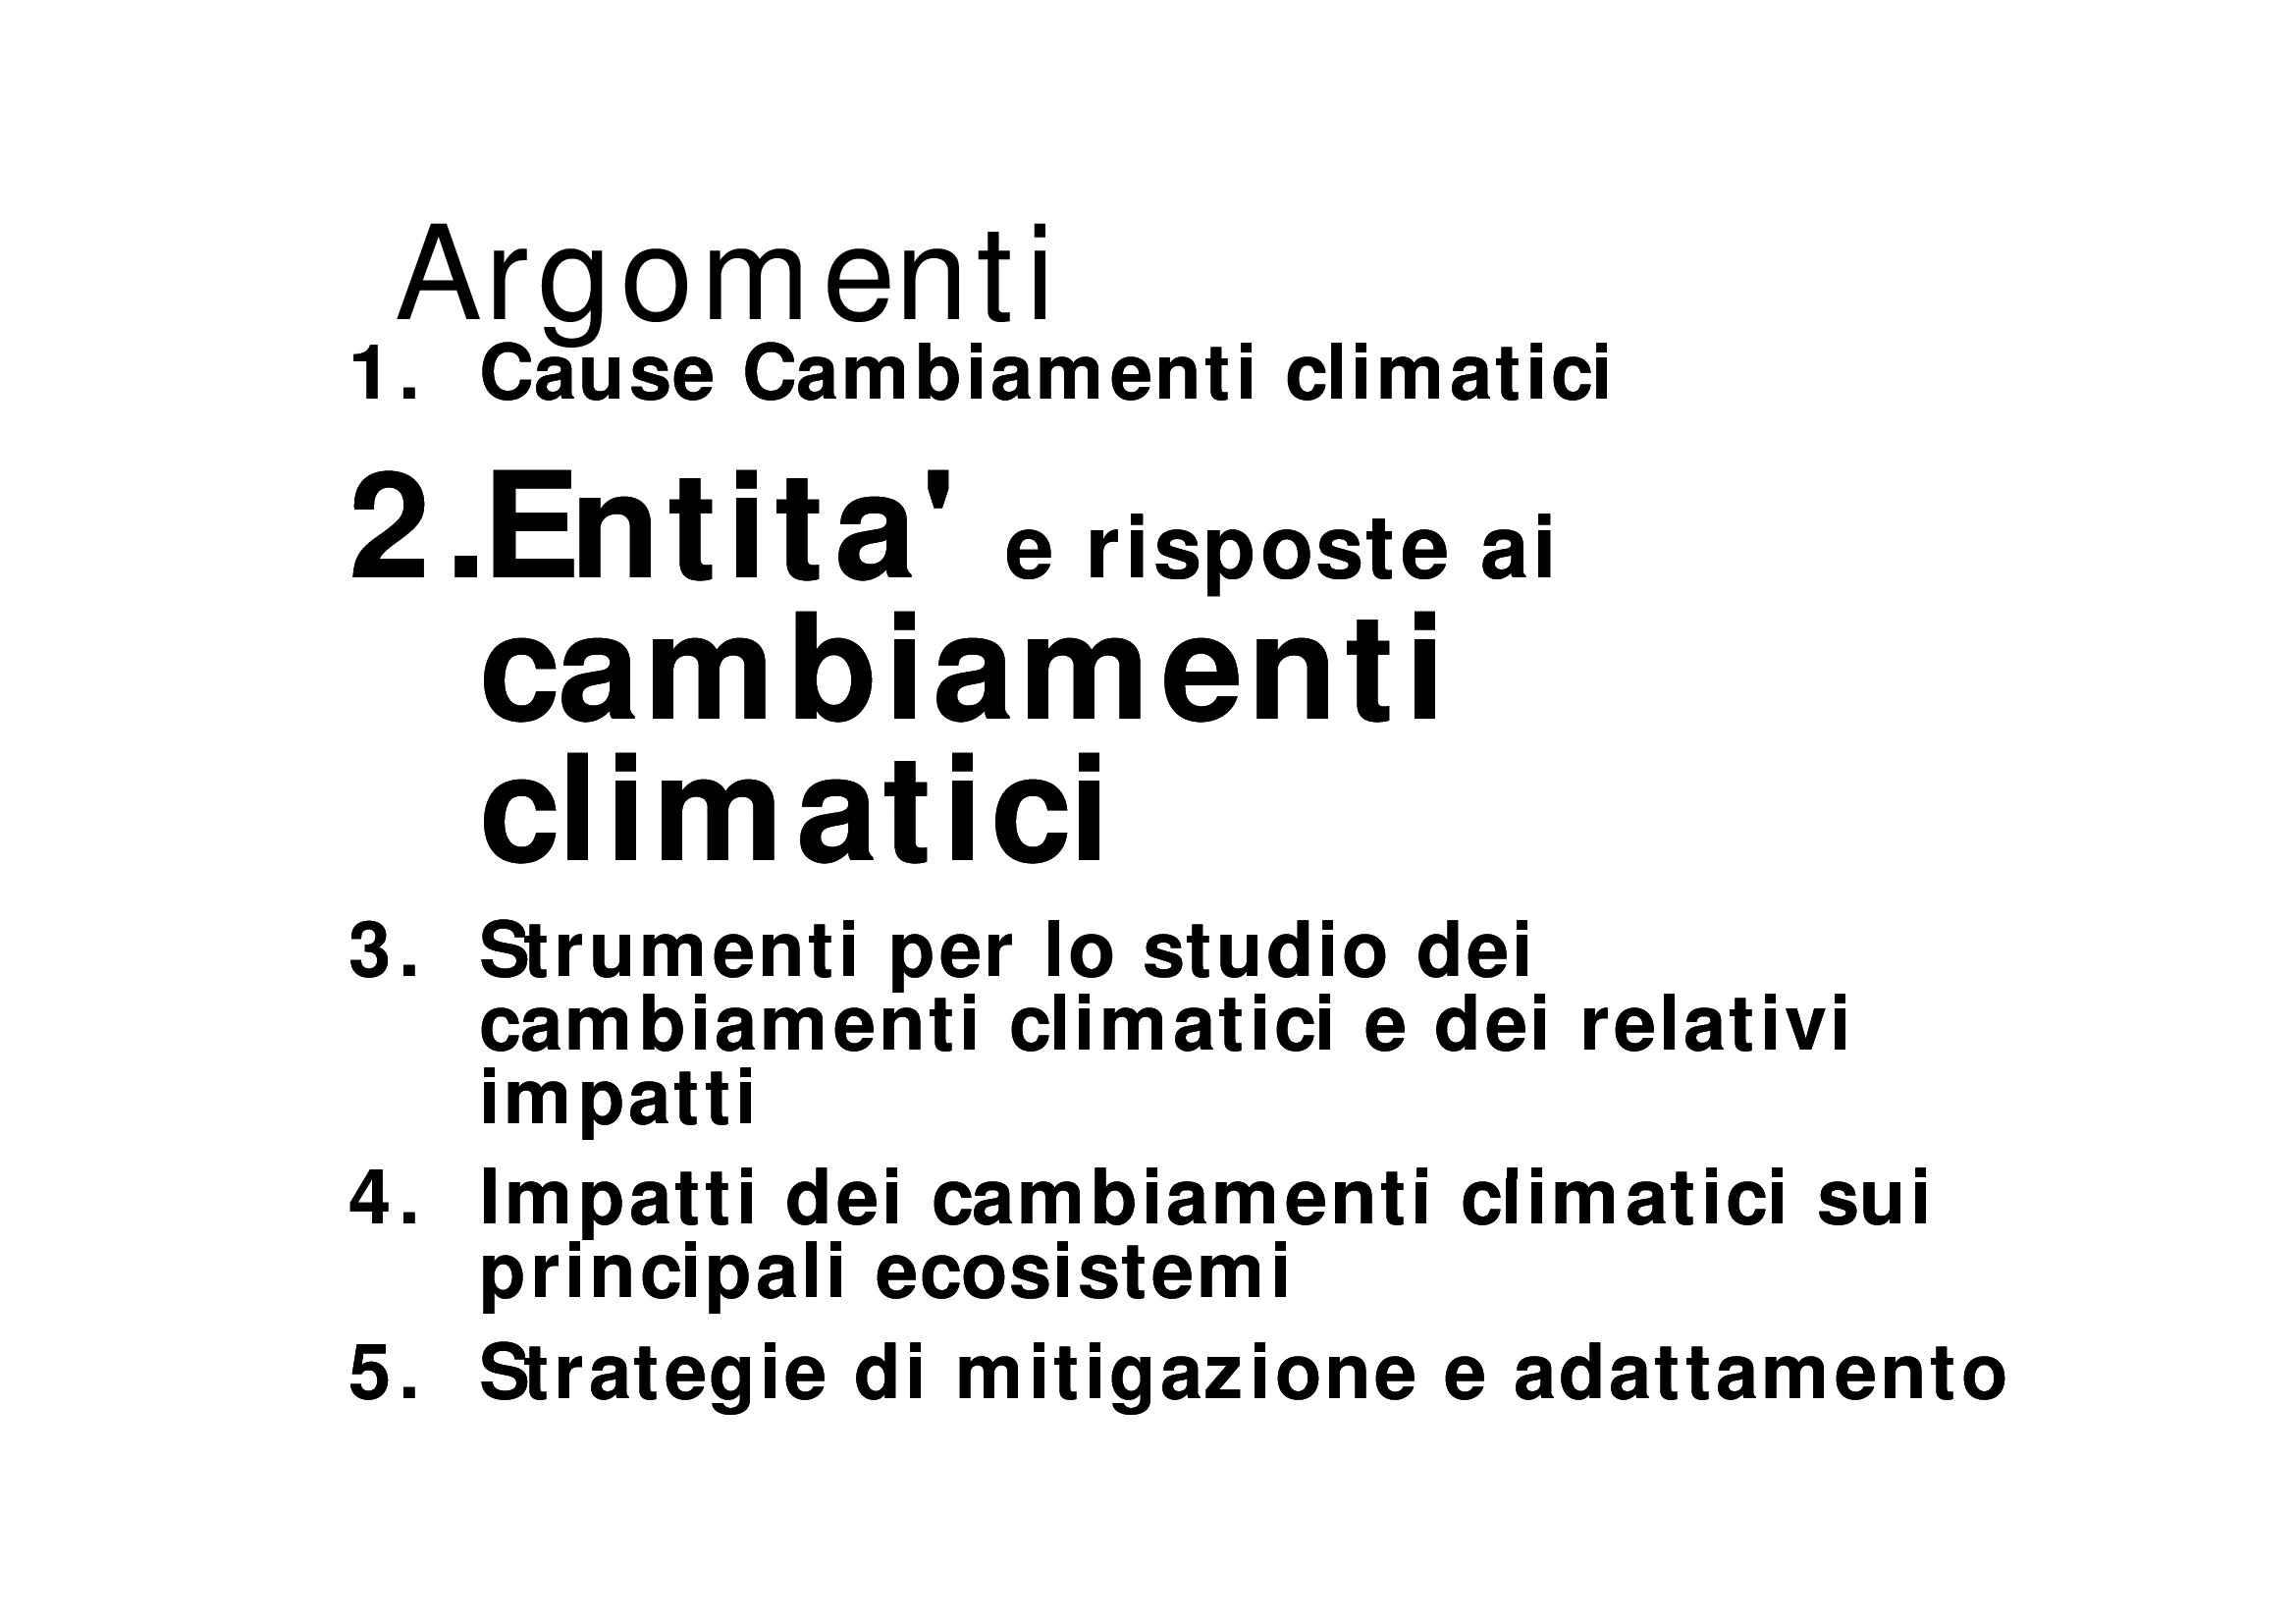 Cambiamenti climatici - Dati e prospettive future